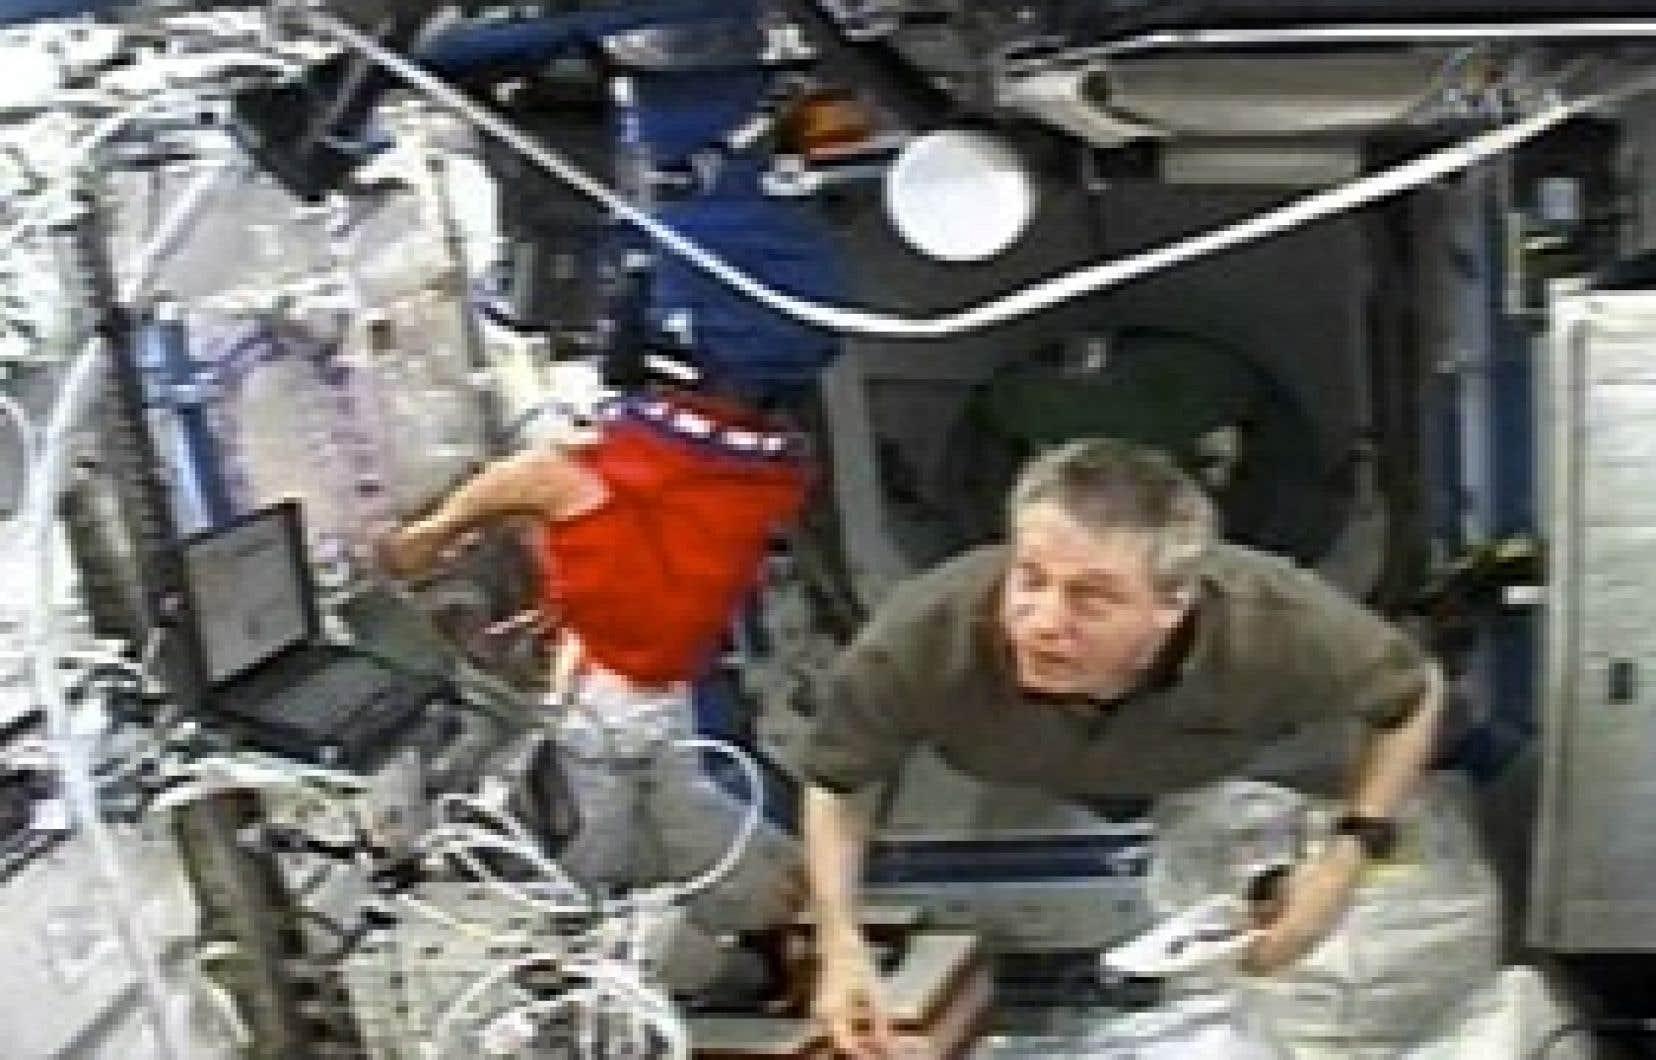 Aujourd'hui, les astronautes Robert Curbeam et Christer Fuglesang de la navette Discovery feront une sortie supplémentaire de sept heures pour finir de replier les panneaux d'une antenne solaire à la suite de problèmes reliés au mécanisme de ré